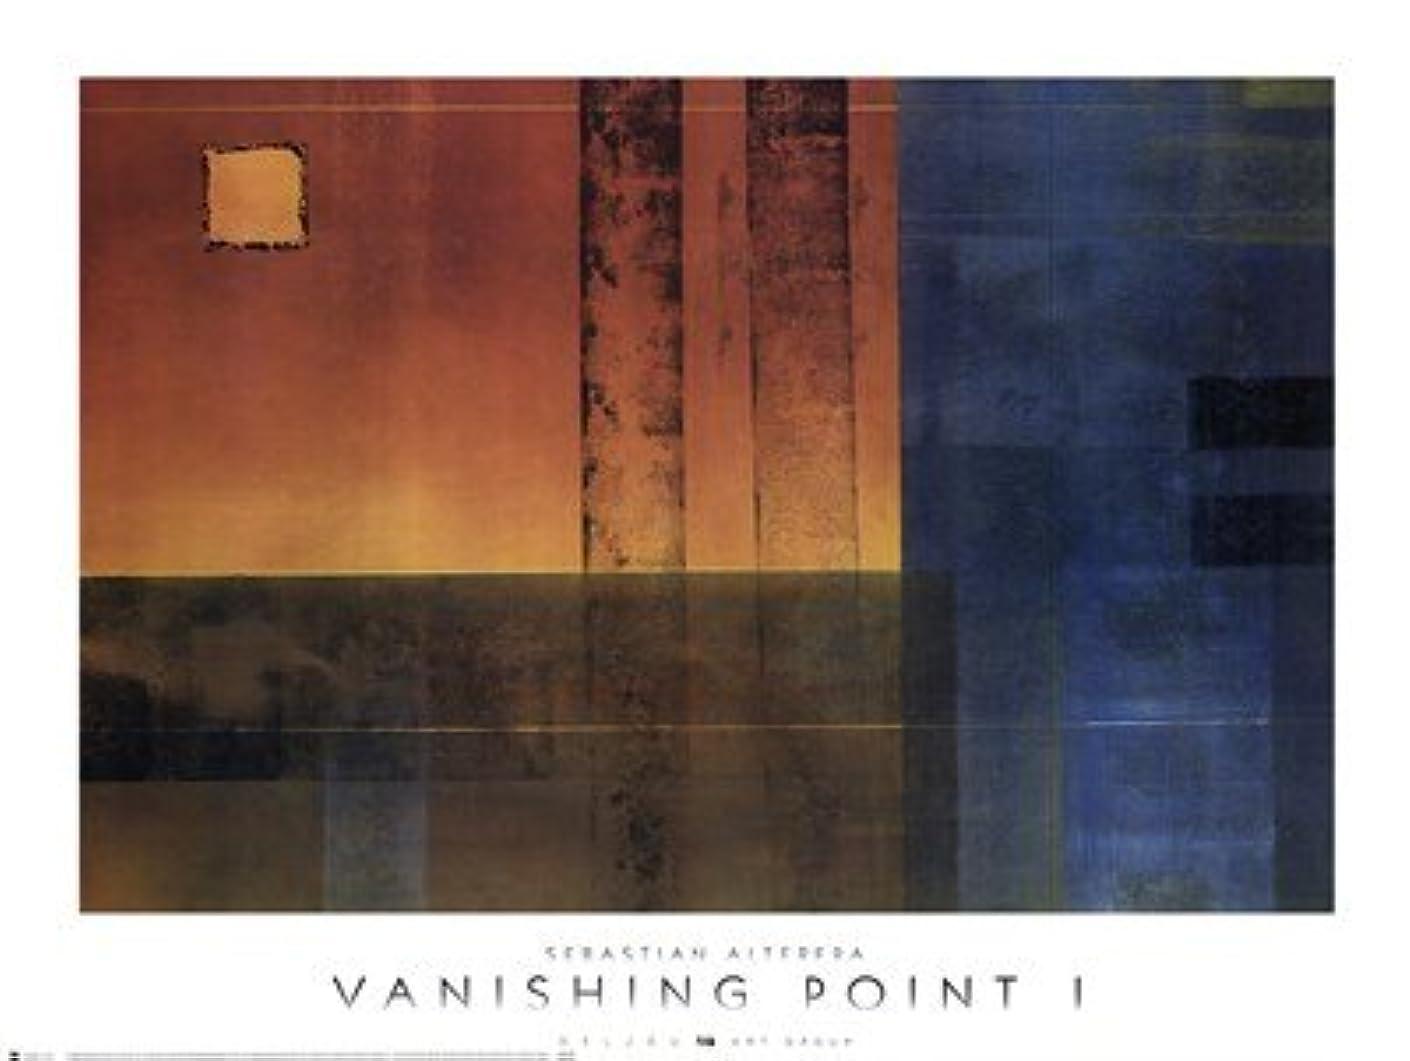 起業家相互静かにVanishing Point I by Sebastian Alterera – 36 x 27.25インチ – アートプリントポスター LE_82538